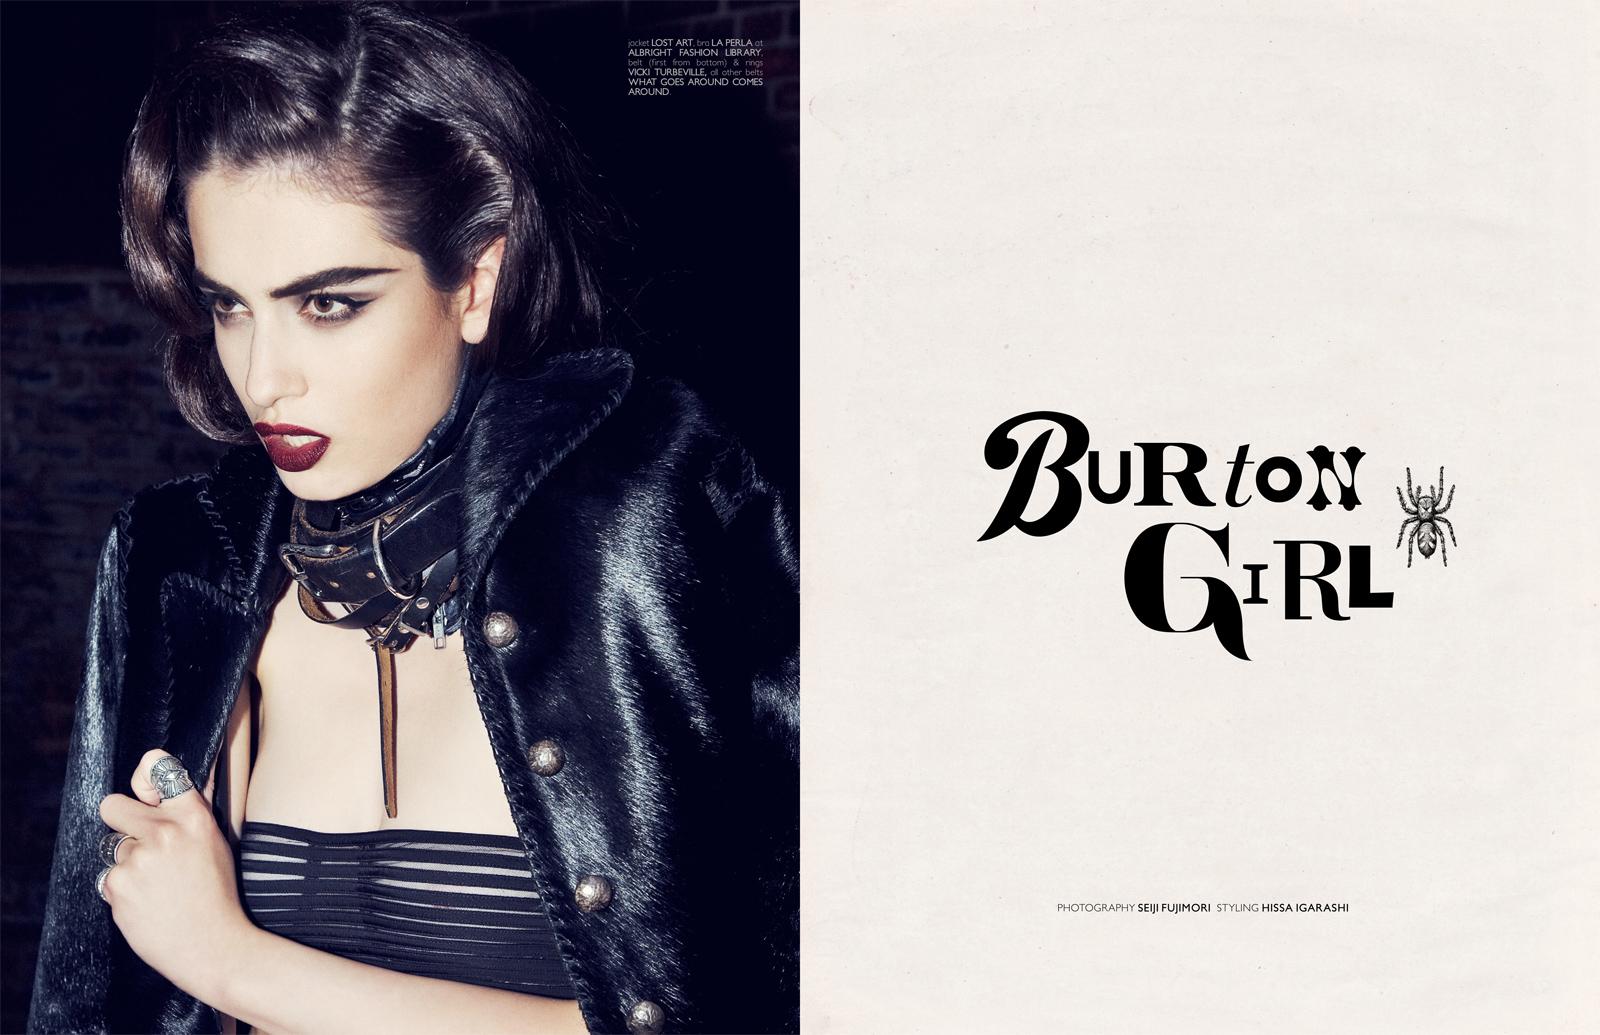 burton girl